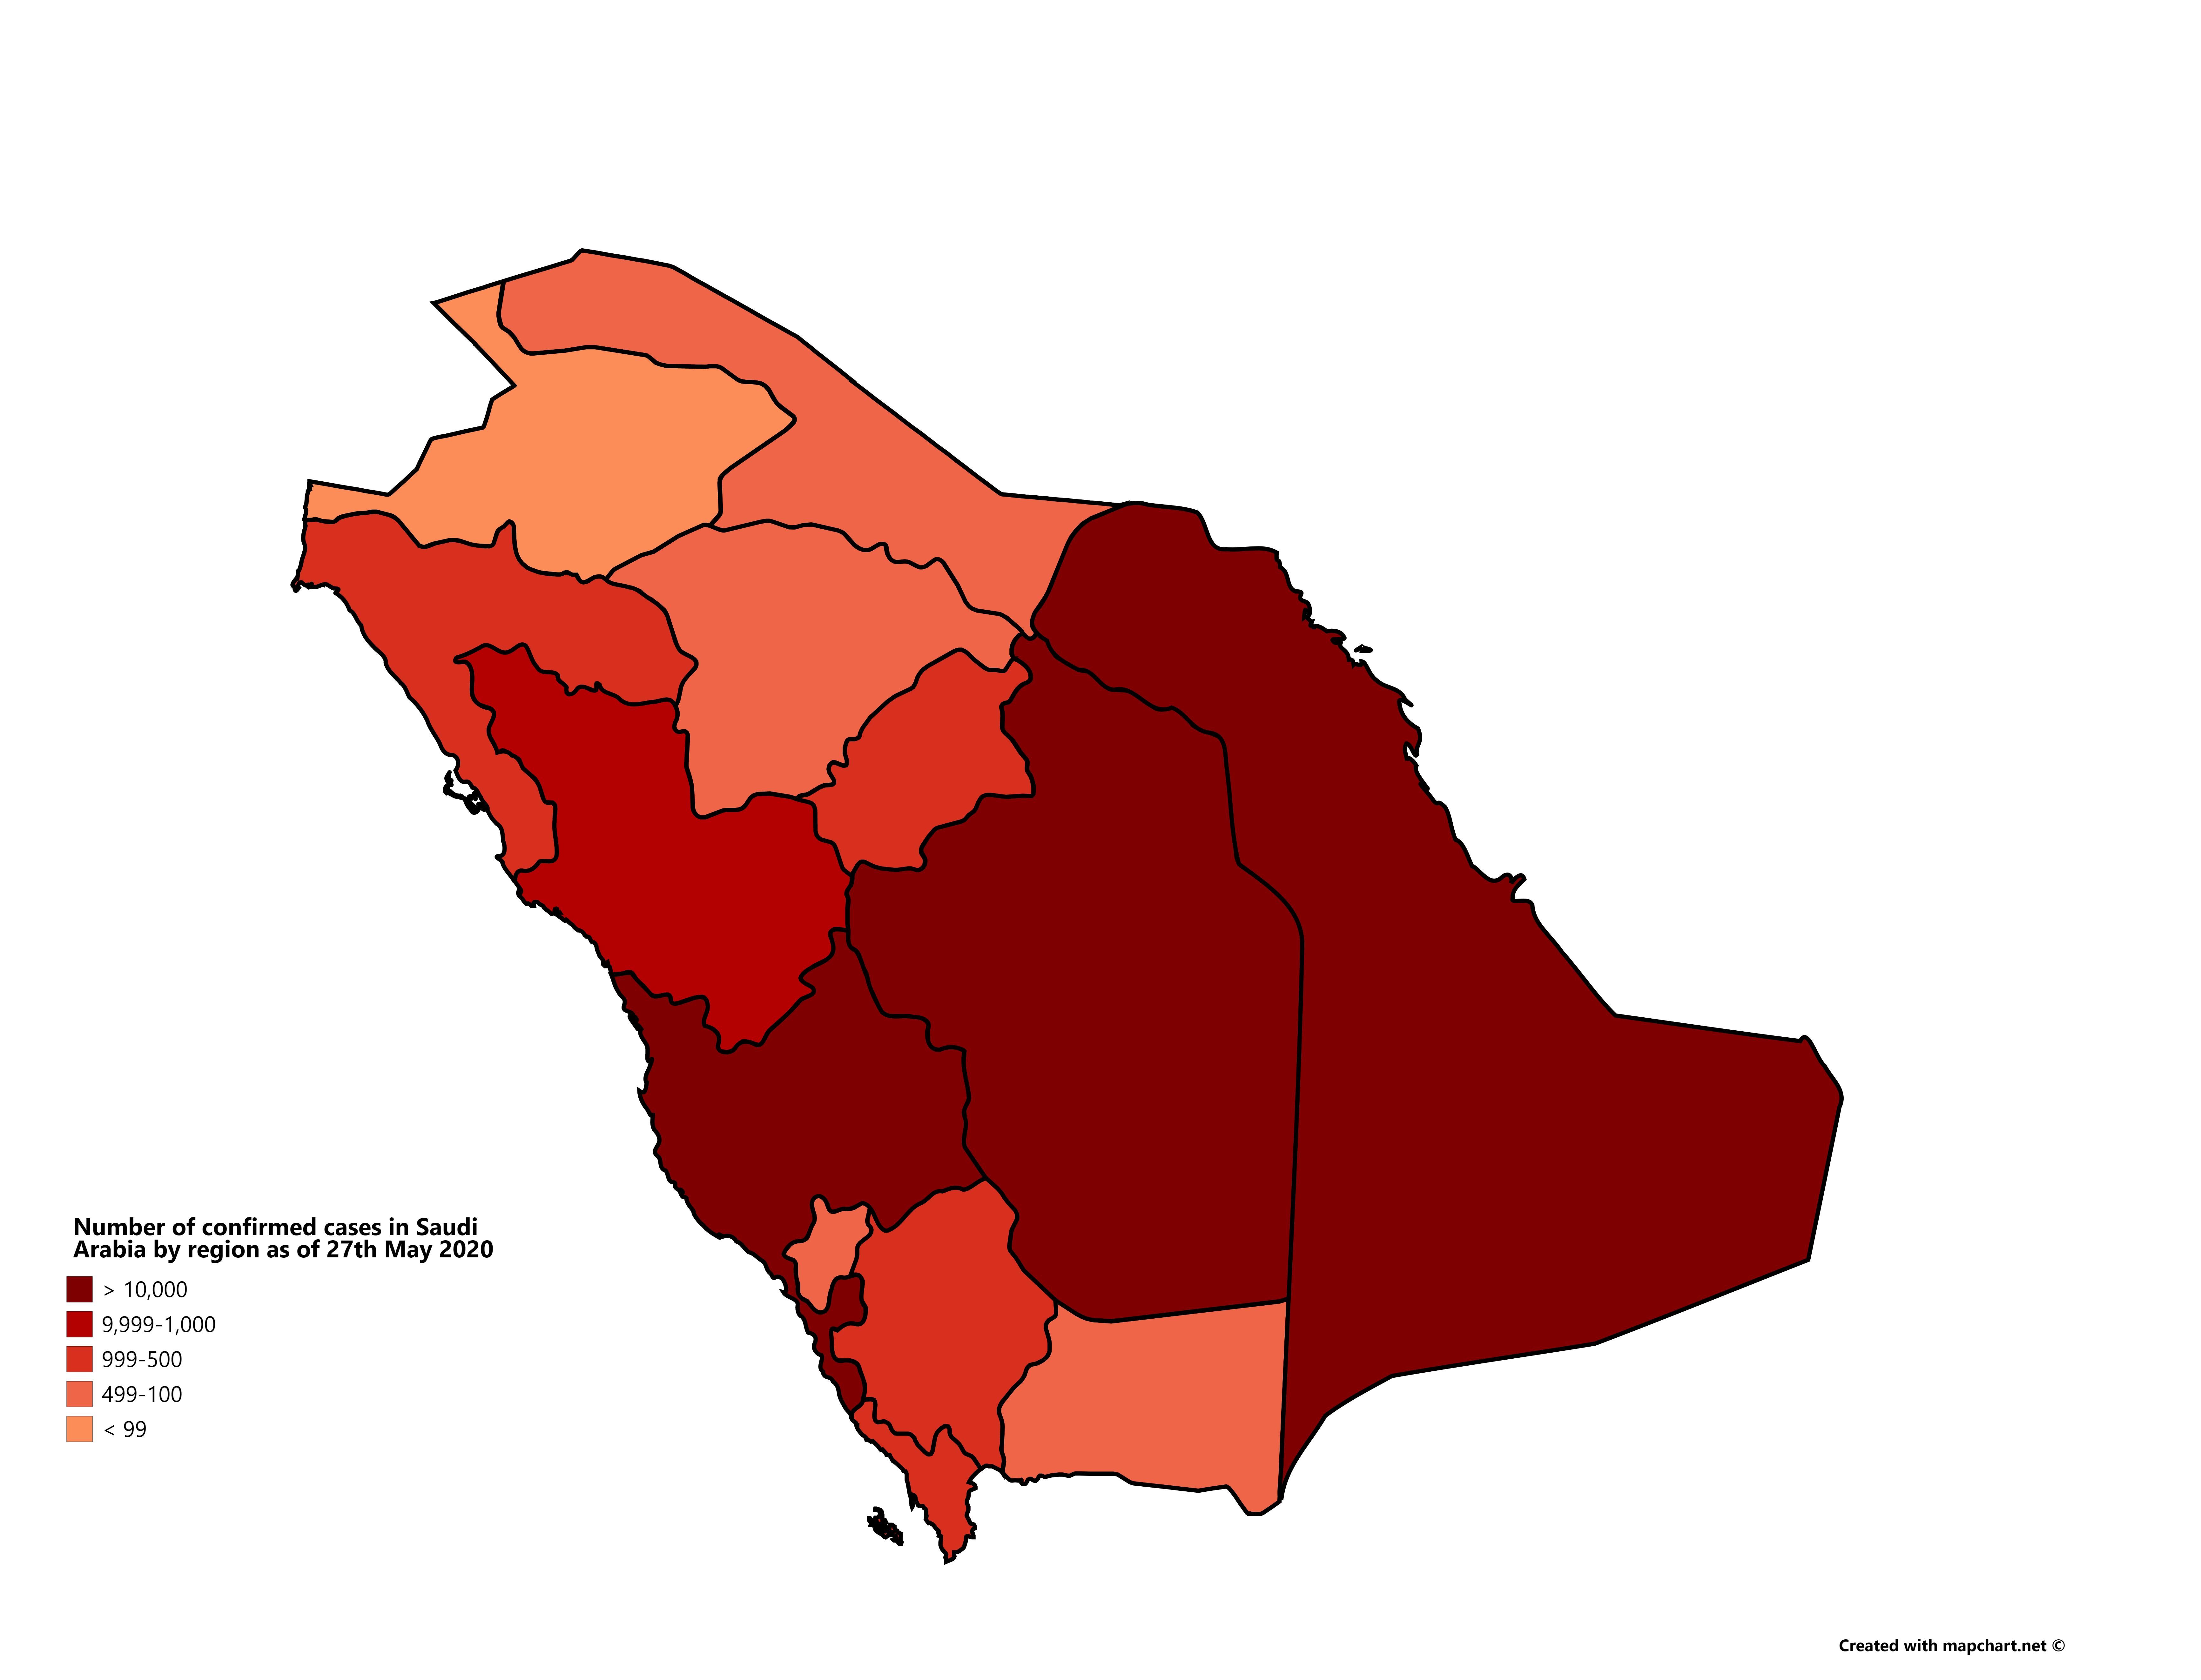 حالات الكورونا في السعودية